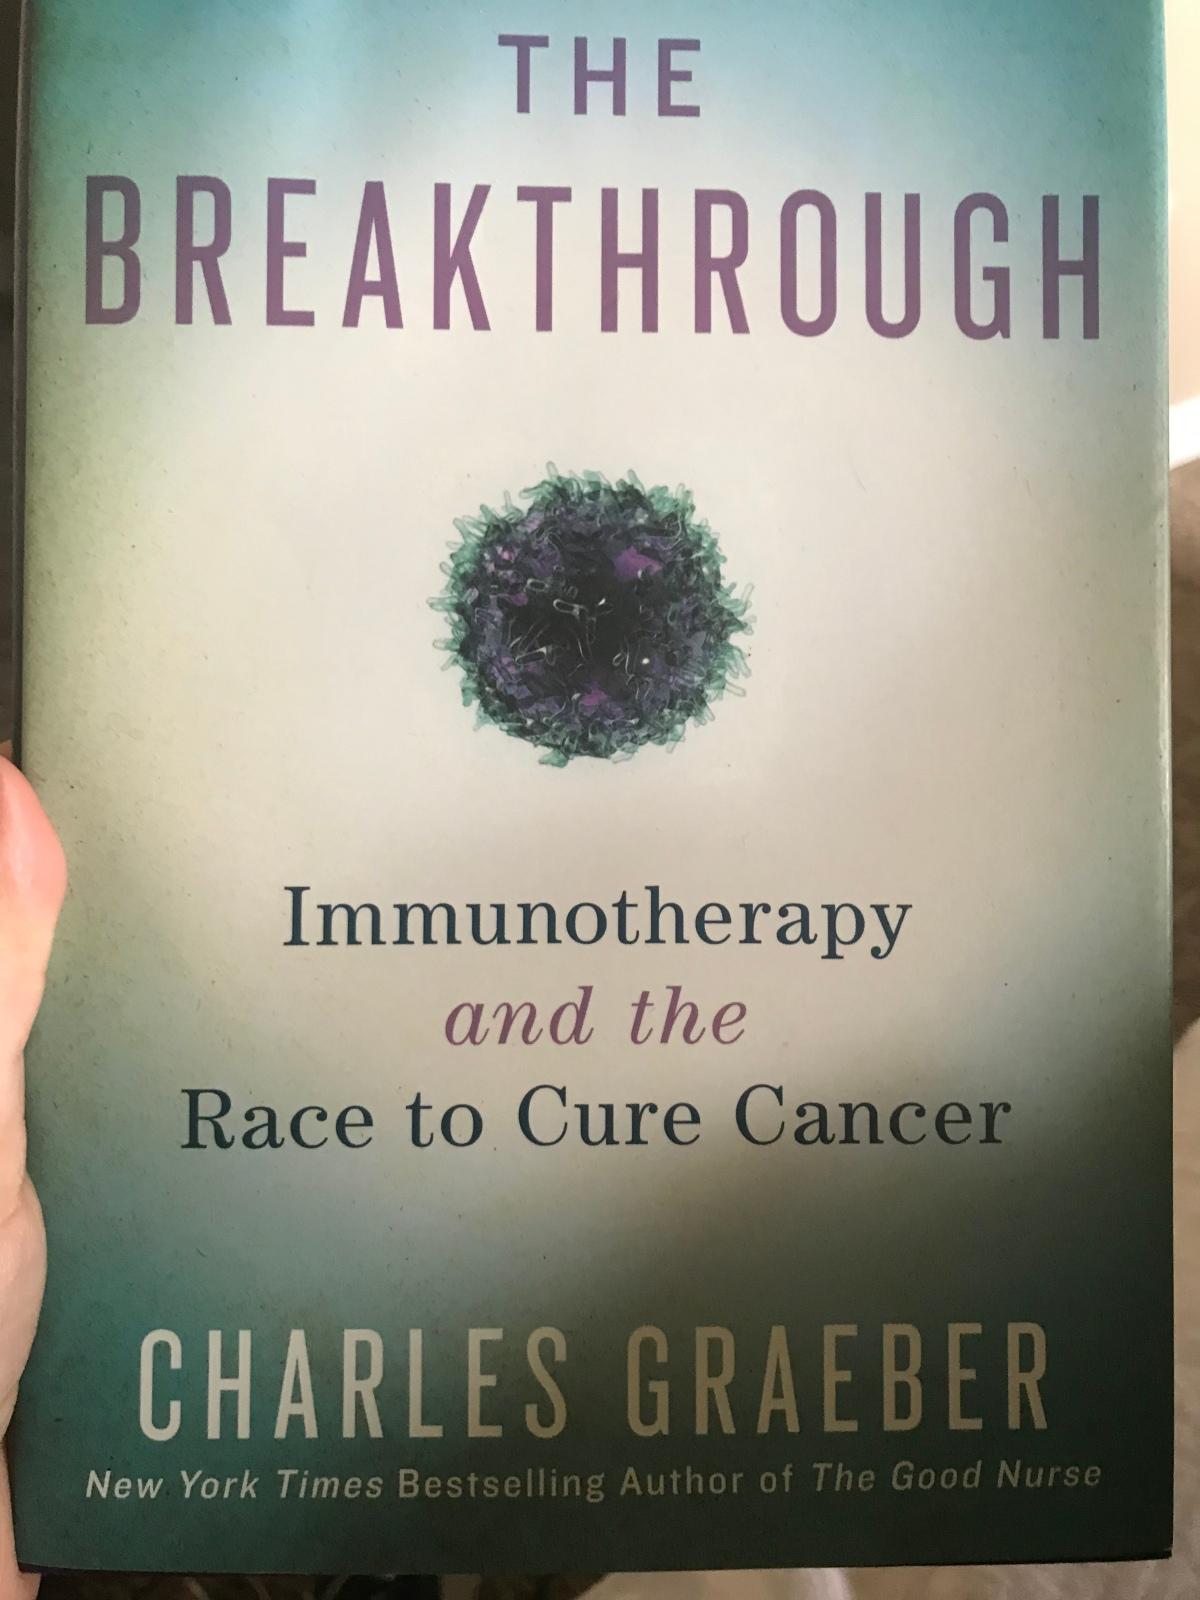 Book Review: Breakthrough